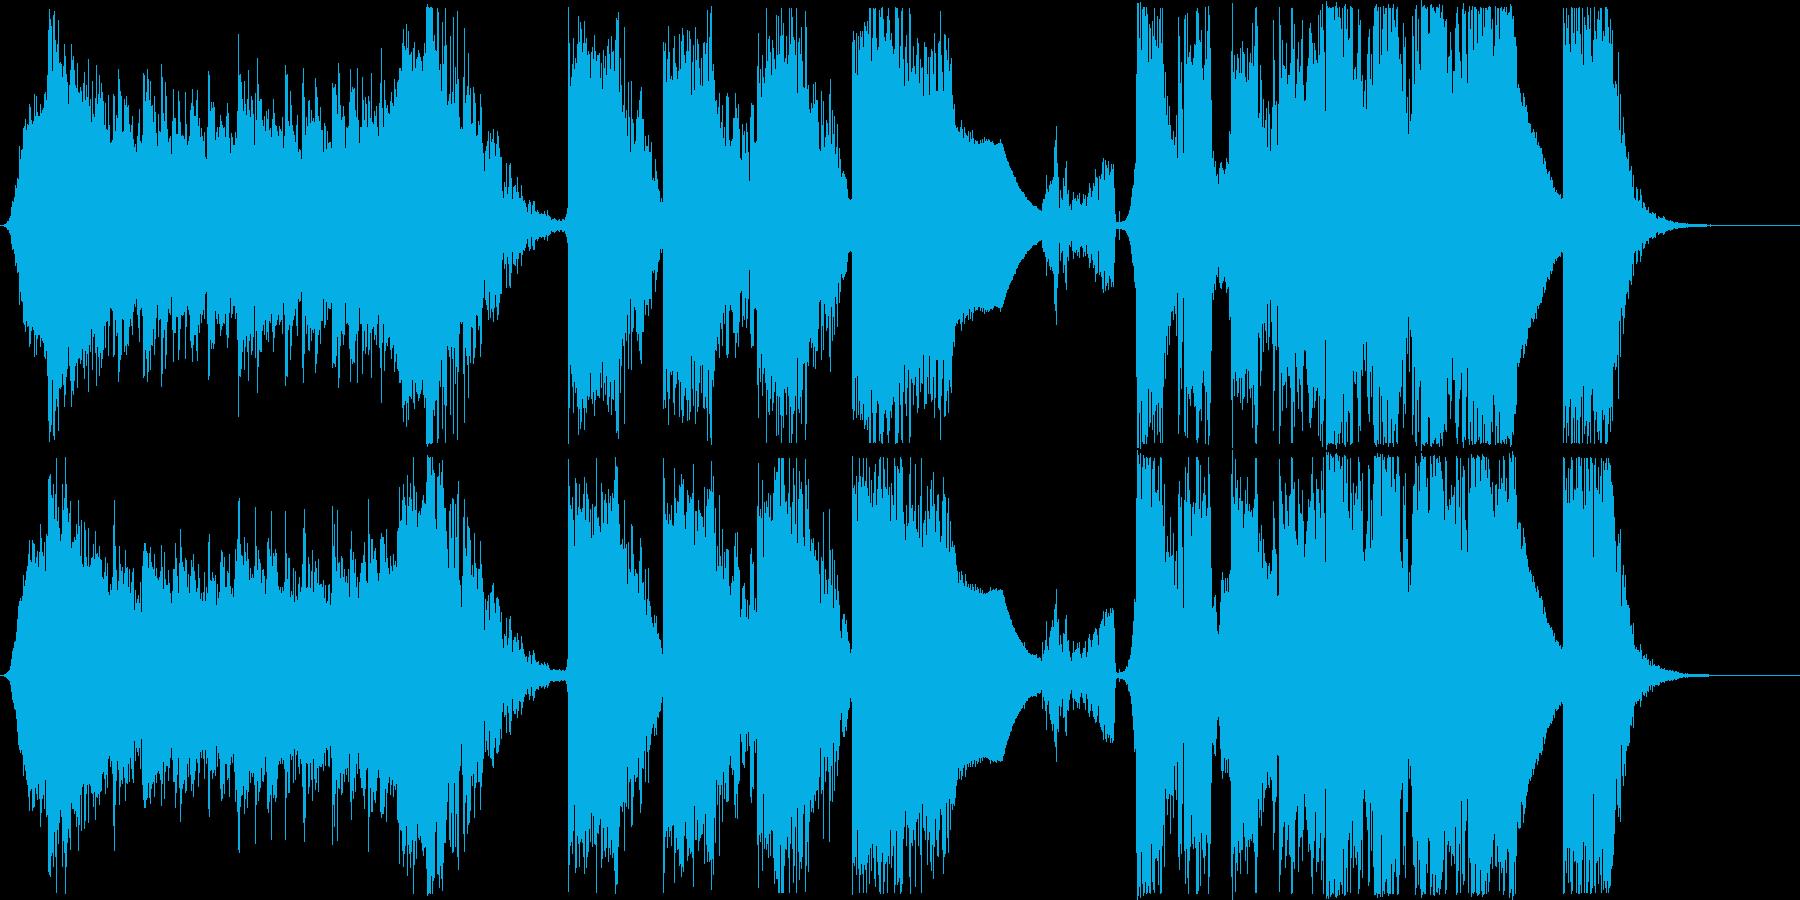 インパクトあるワークアウト風のエピック曲の再生済みの波形